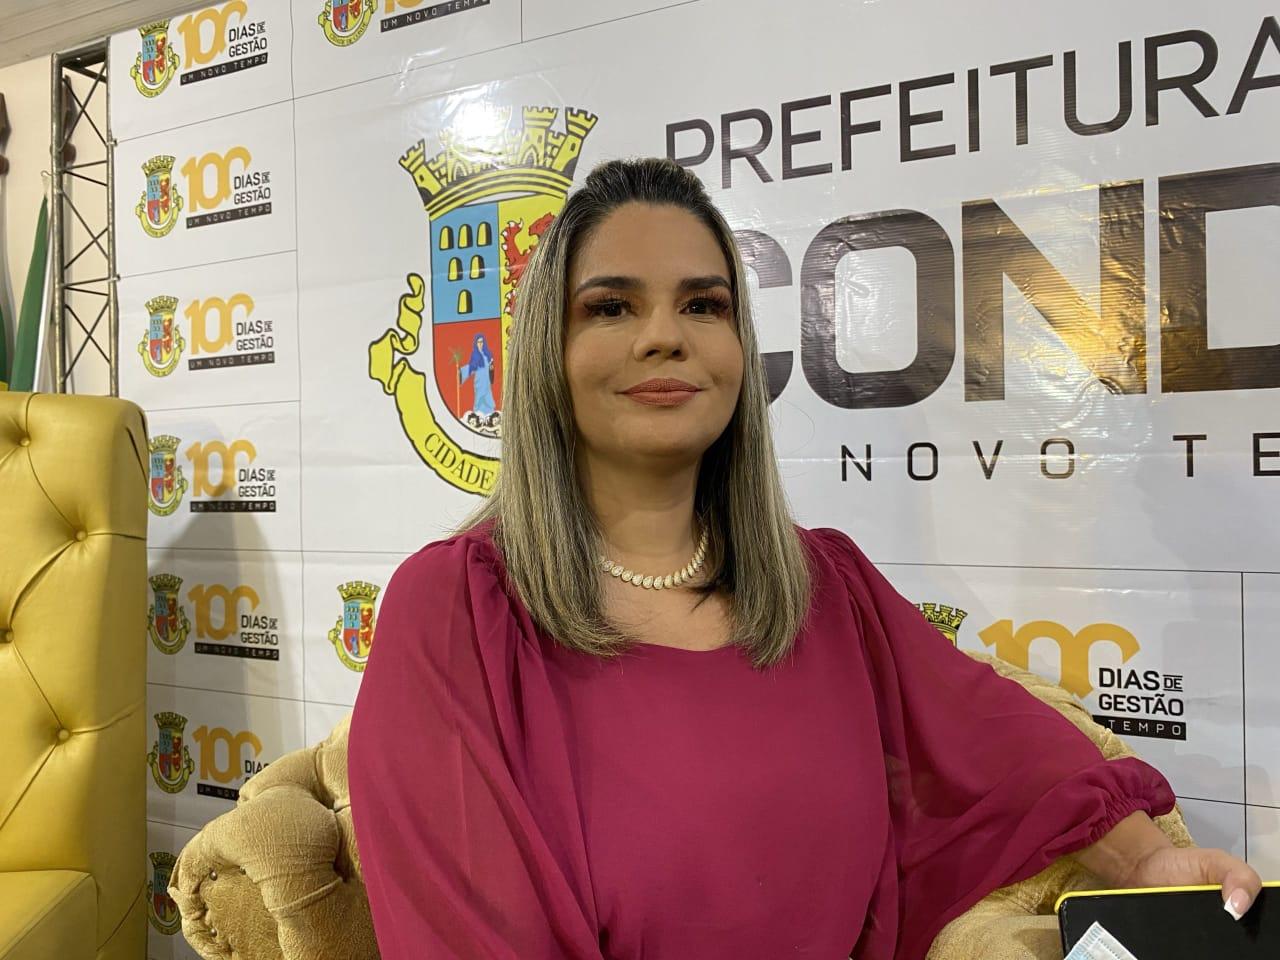 WhatsApp Image 2021 05 07 at 20.54.04 - Em nota, Procuradoria Geral do Conde repudia ataques de Aluísio Régis a gestão de Karla Pimentel